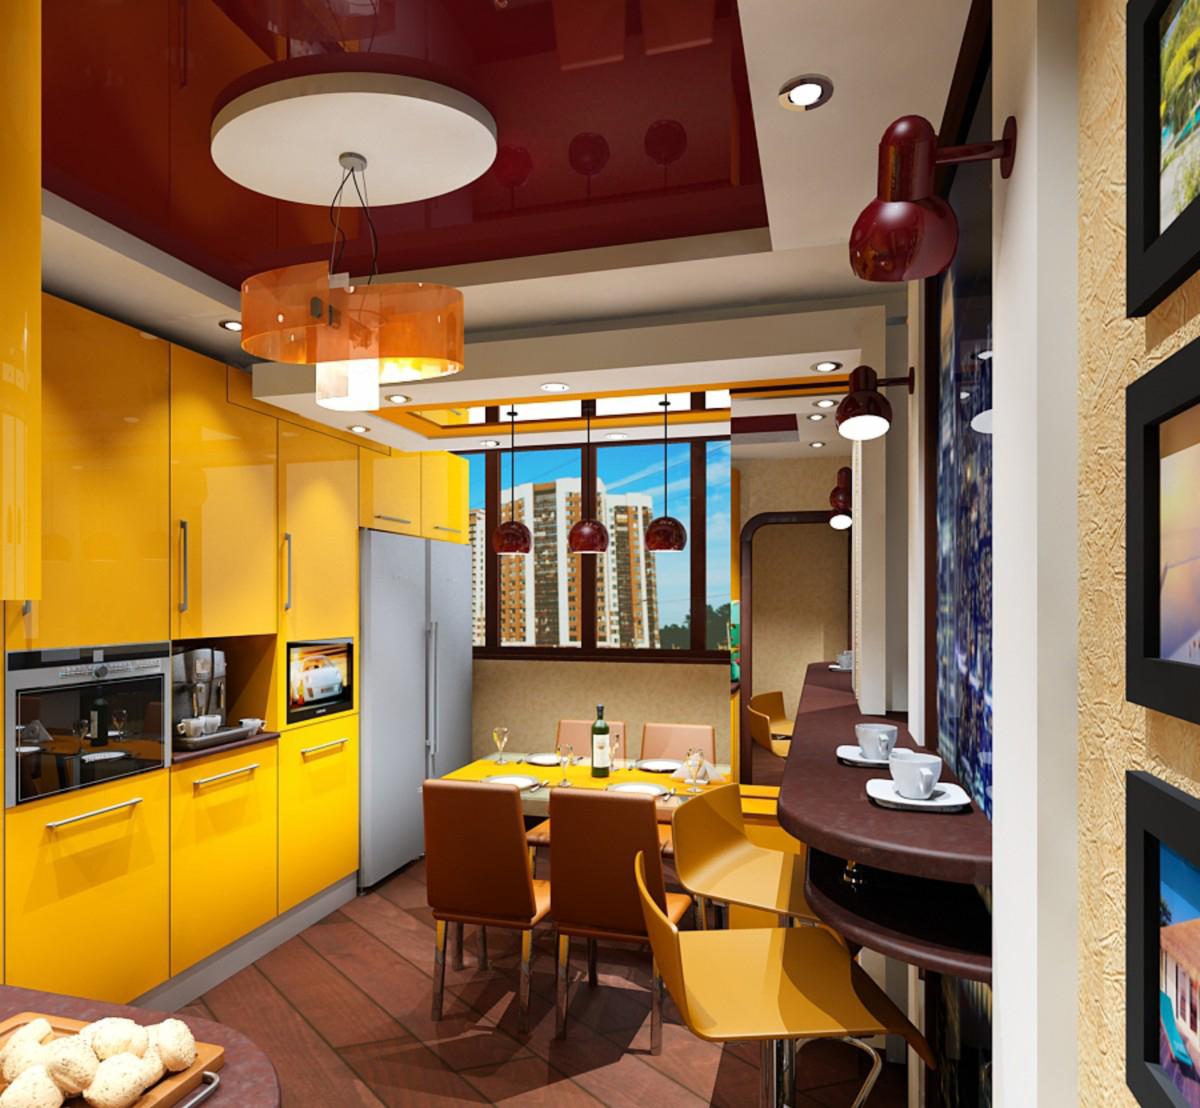 Желтый, коричневый и бежевый цвета в интерьере кухни